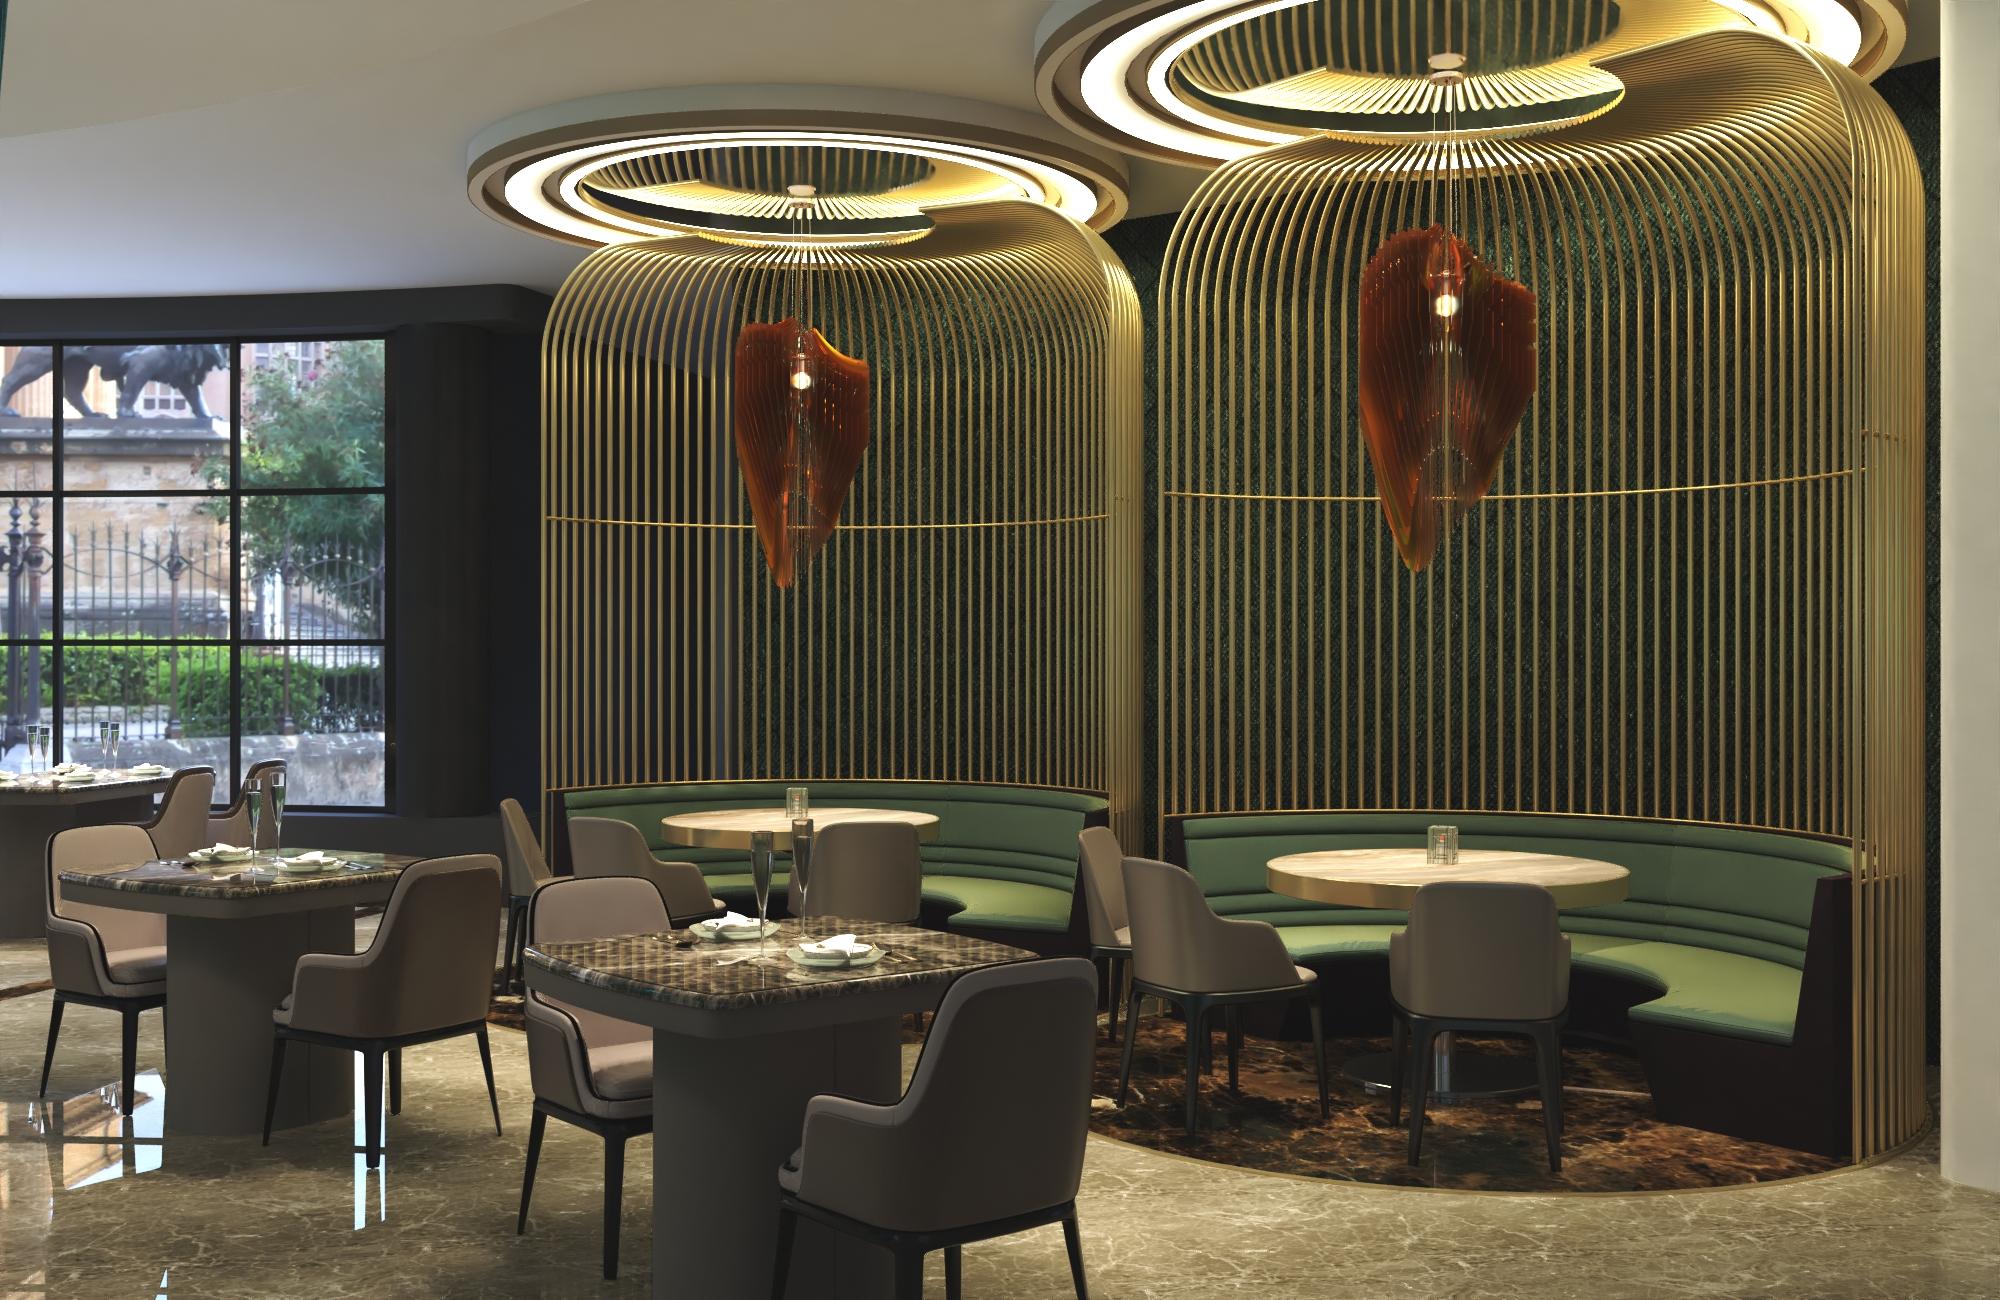 Thiết kế nội thất Nhà Hàng tại Hồ Chí Minh NHÀ HÀNG HẢI SẢN CRABSEA 1595741109 4